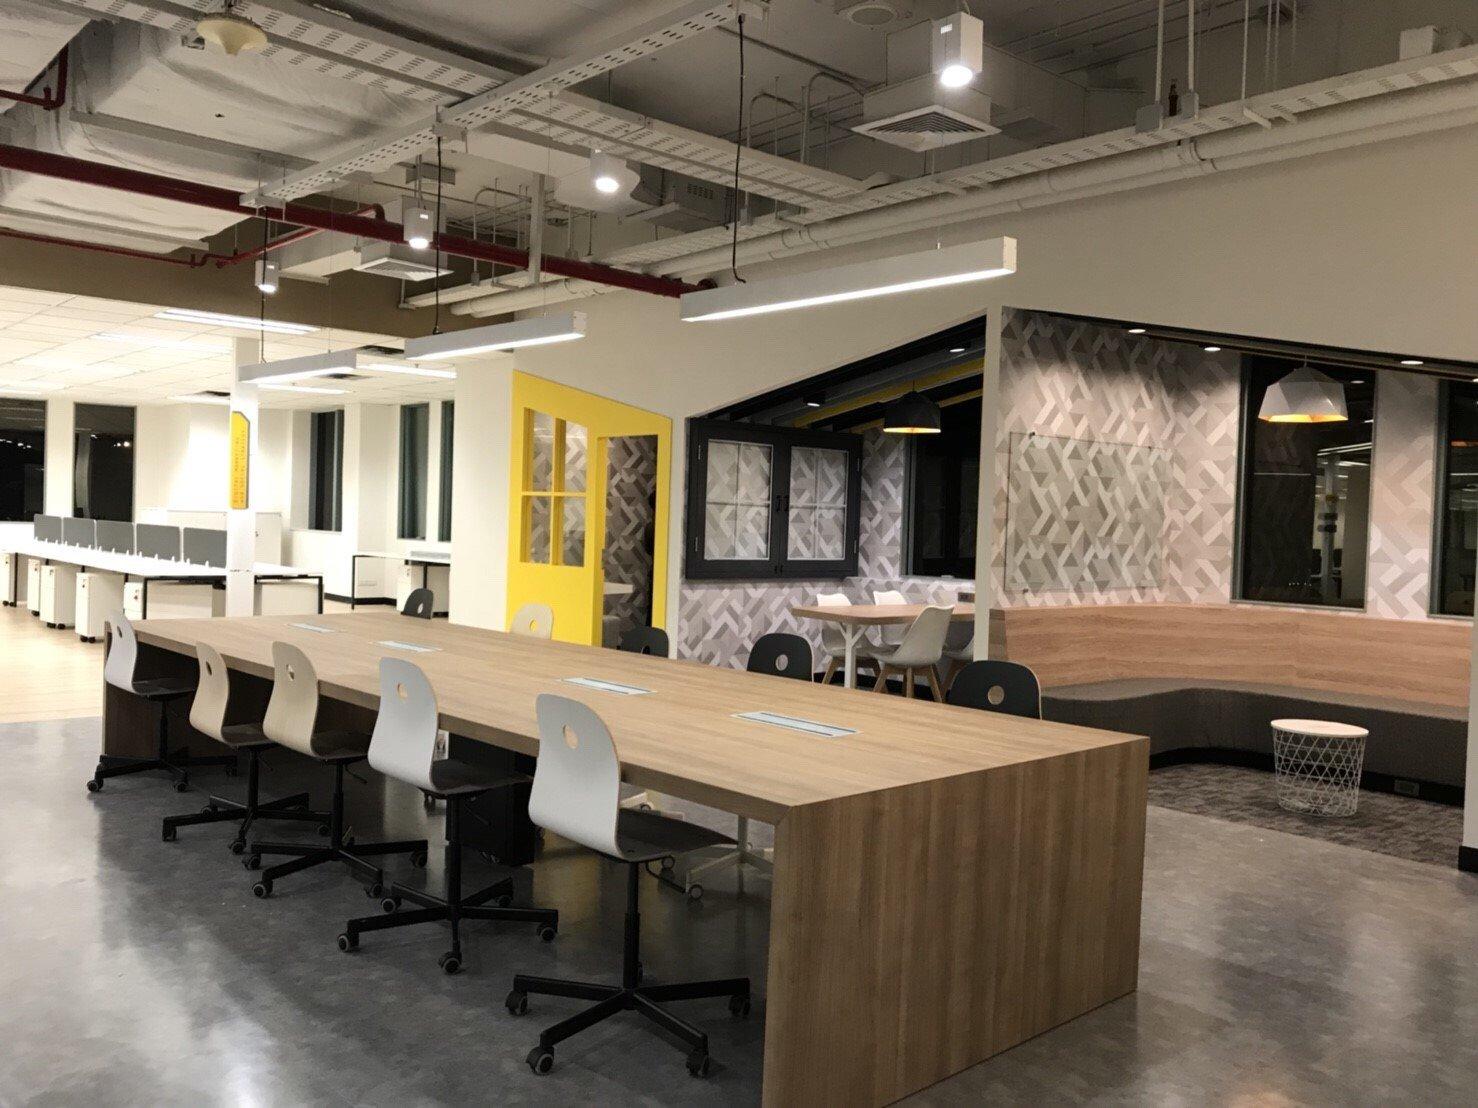 """ออฟฟิศแนวคิดใหม่ สุดฮิปของชาวกรุงศรีฯ ในสไตล์ """"Co-Working Space ที่ให้งาน Finish แบบไม่ติดสตั้นท์"""" 26 - Bank"""